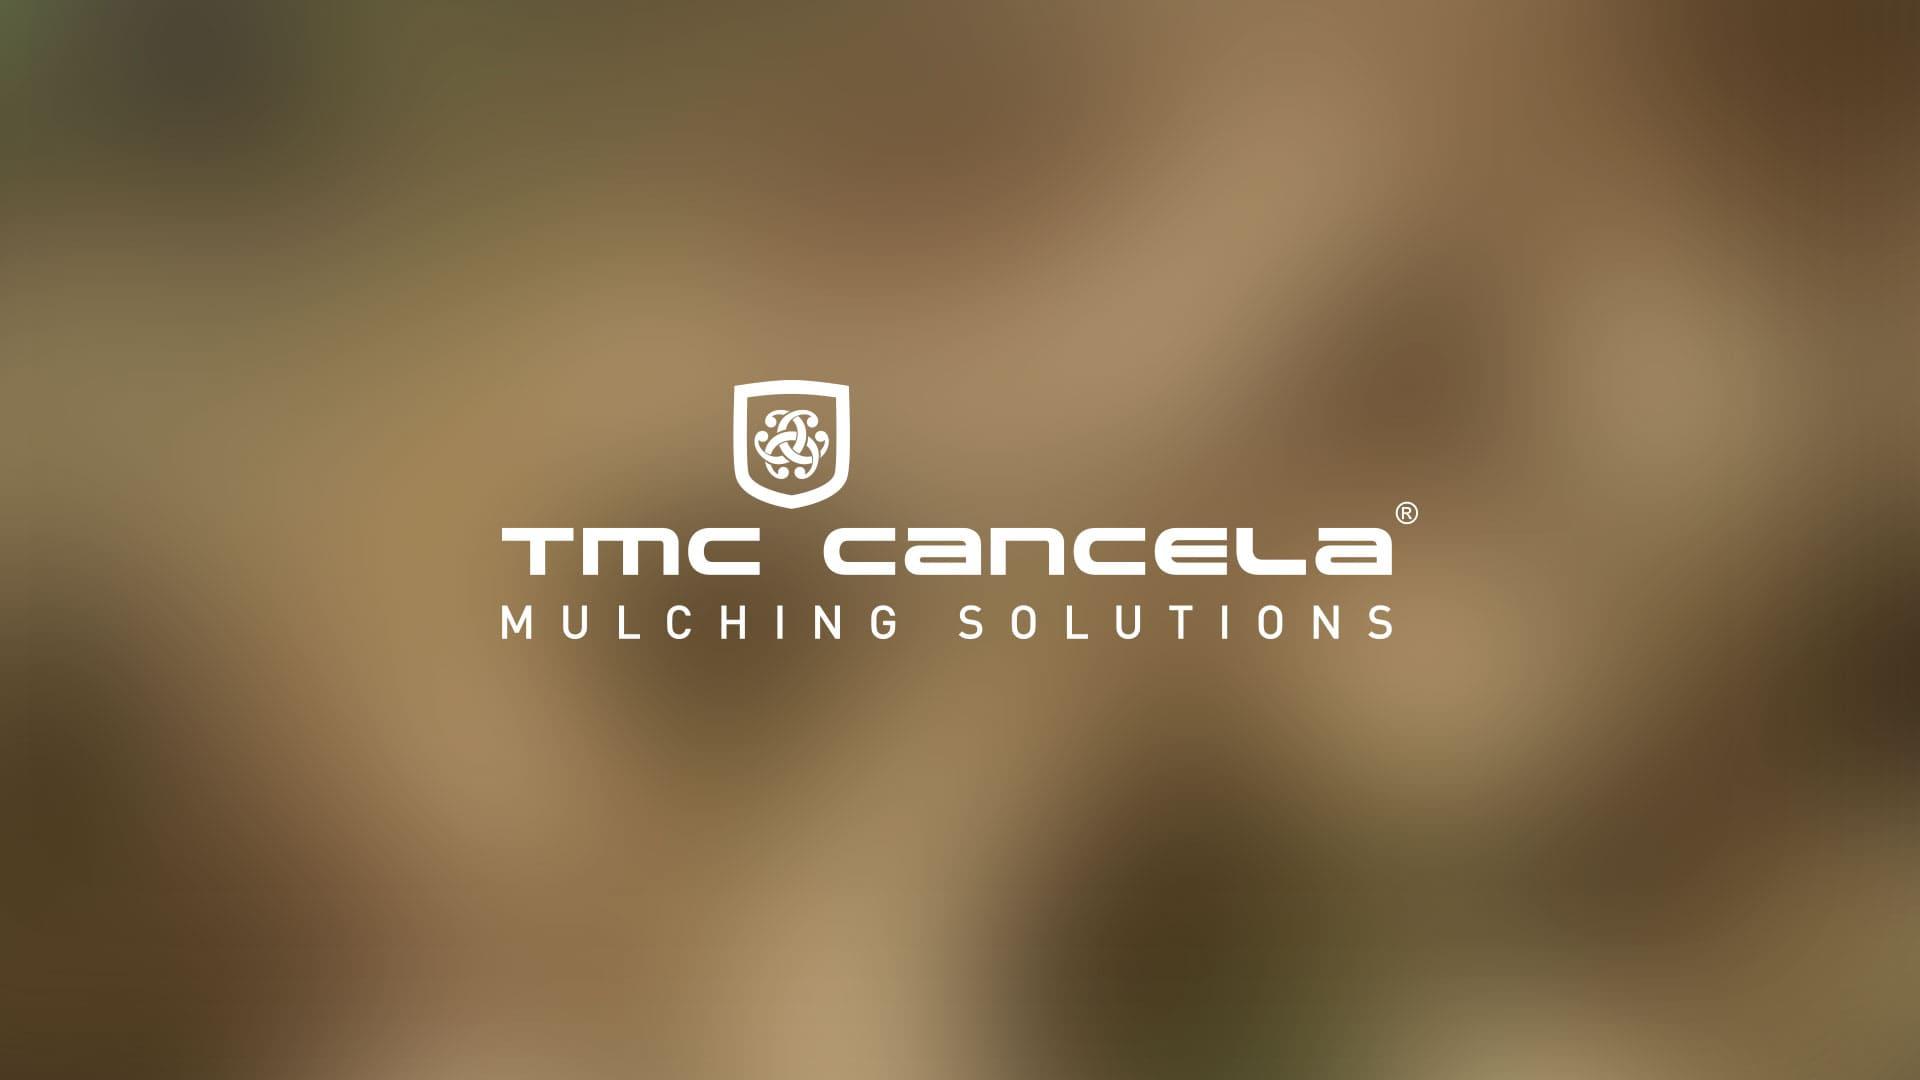 Marque premium TMC Cancela